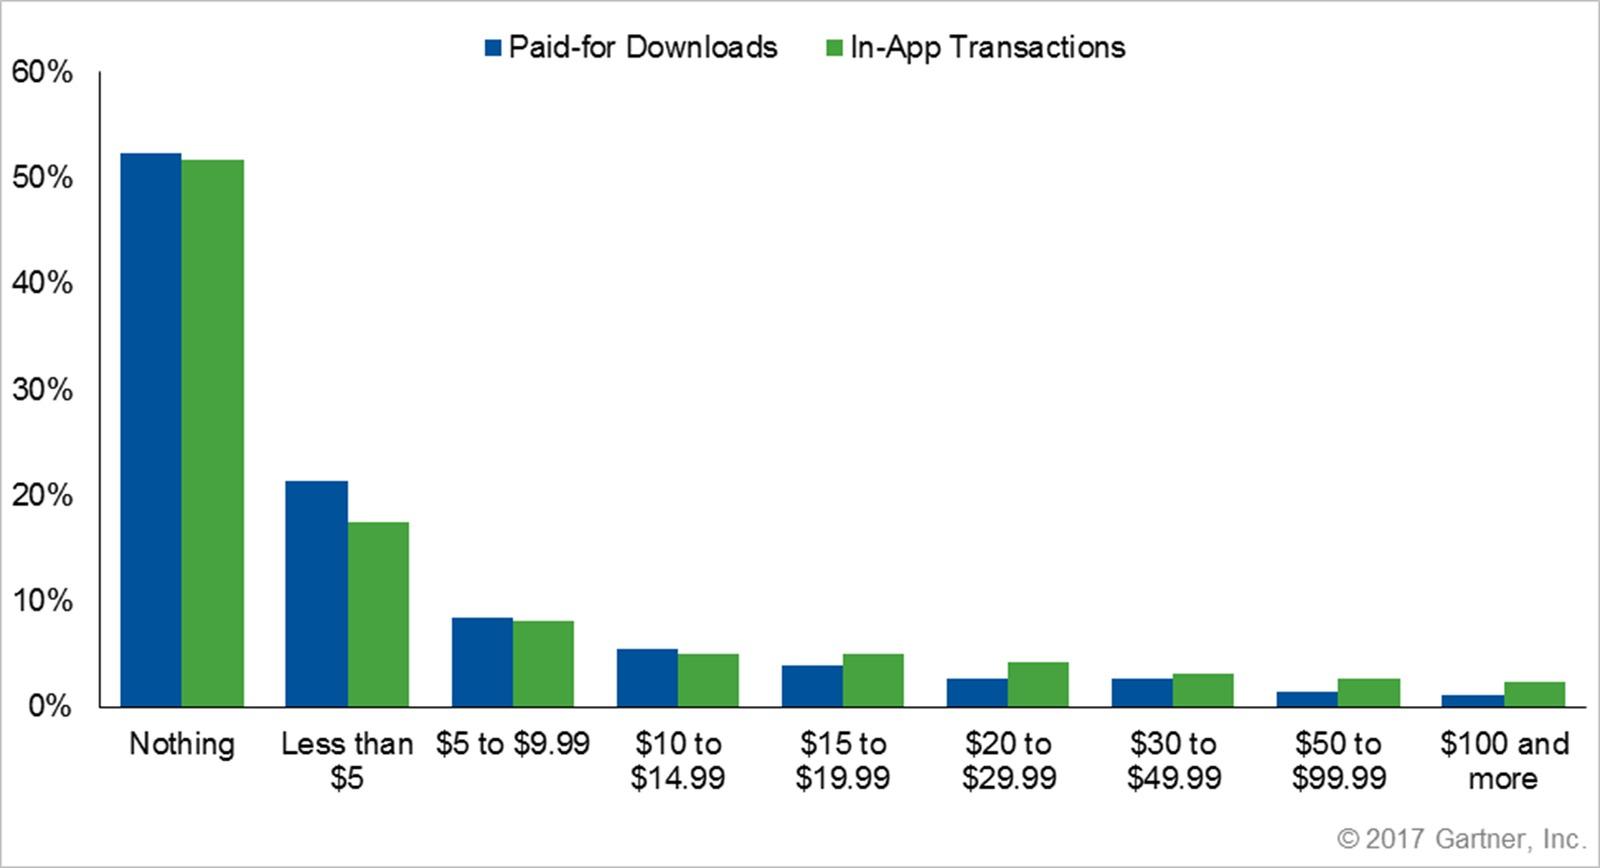 Mobilbrukere flest betaler ikke for apper, viser undersøkelsen til Gartner.